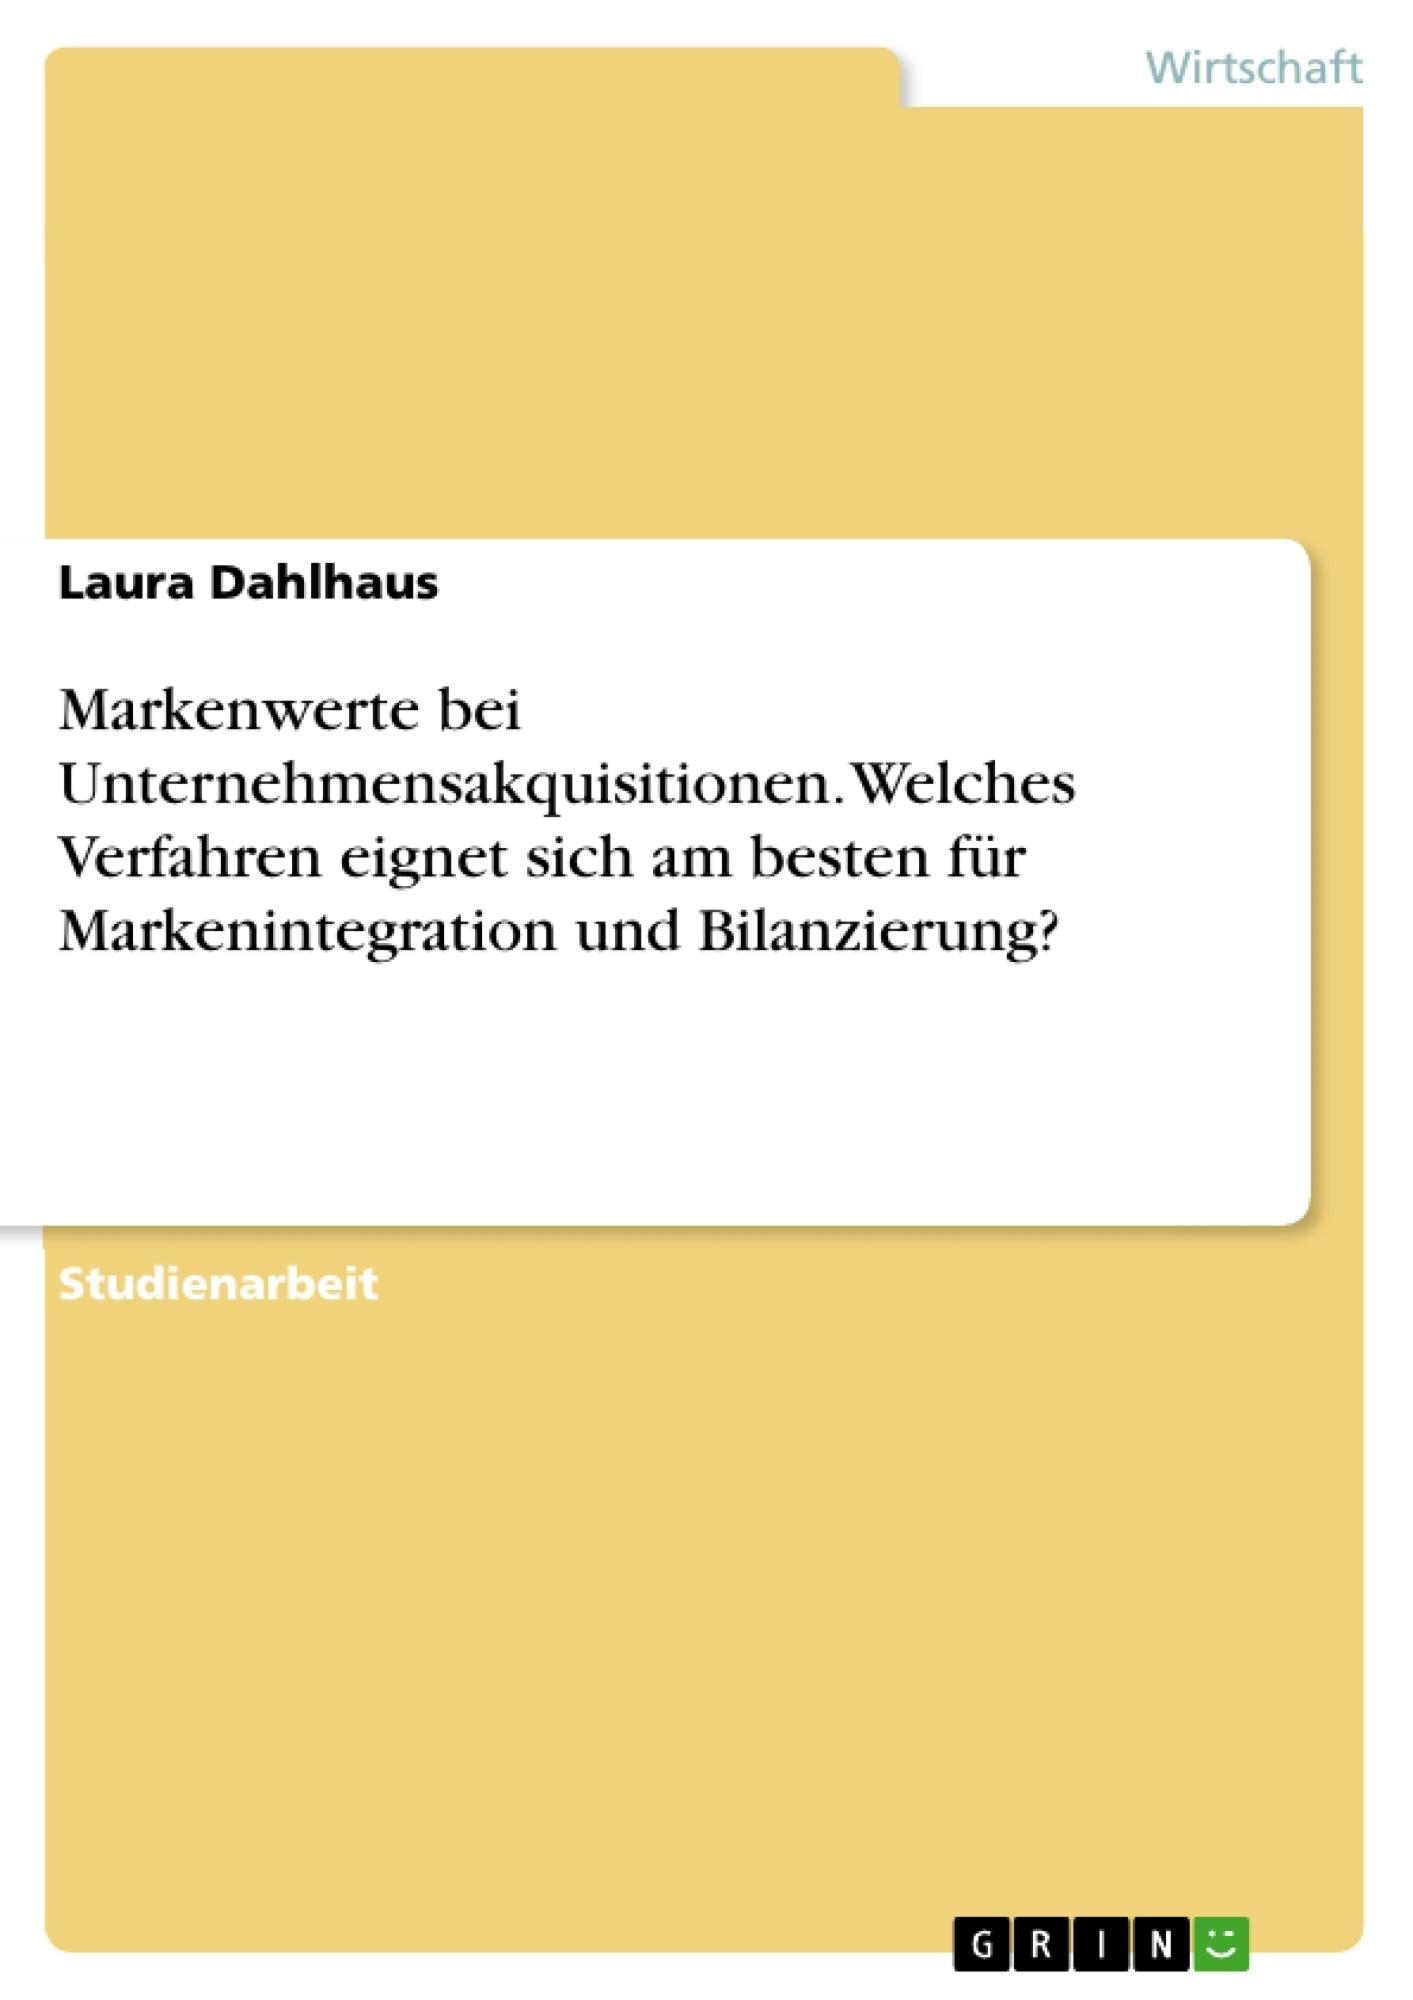 Titel: Markenwerte bei Unternehmensakquisitionen. Welches Verfahren eignet sich am besten für Markenintegration und Bilanzierung?